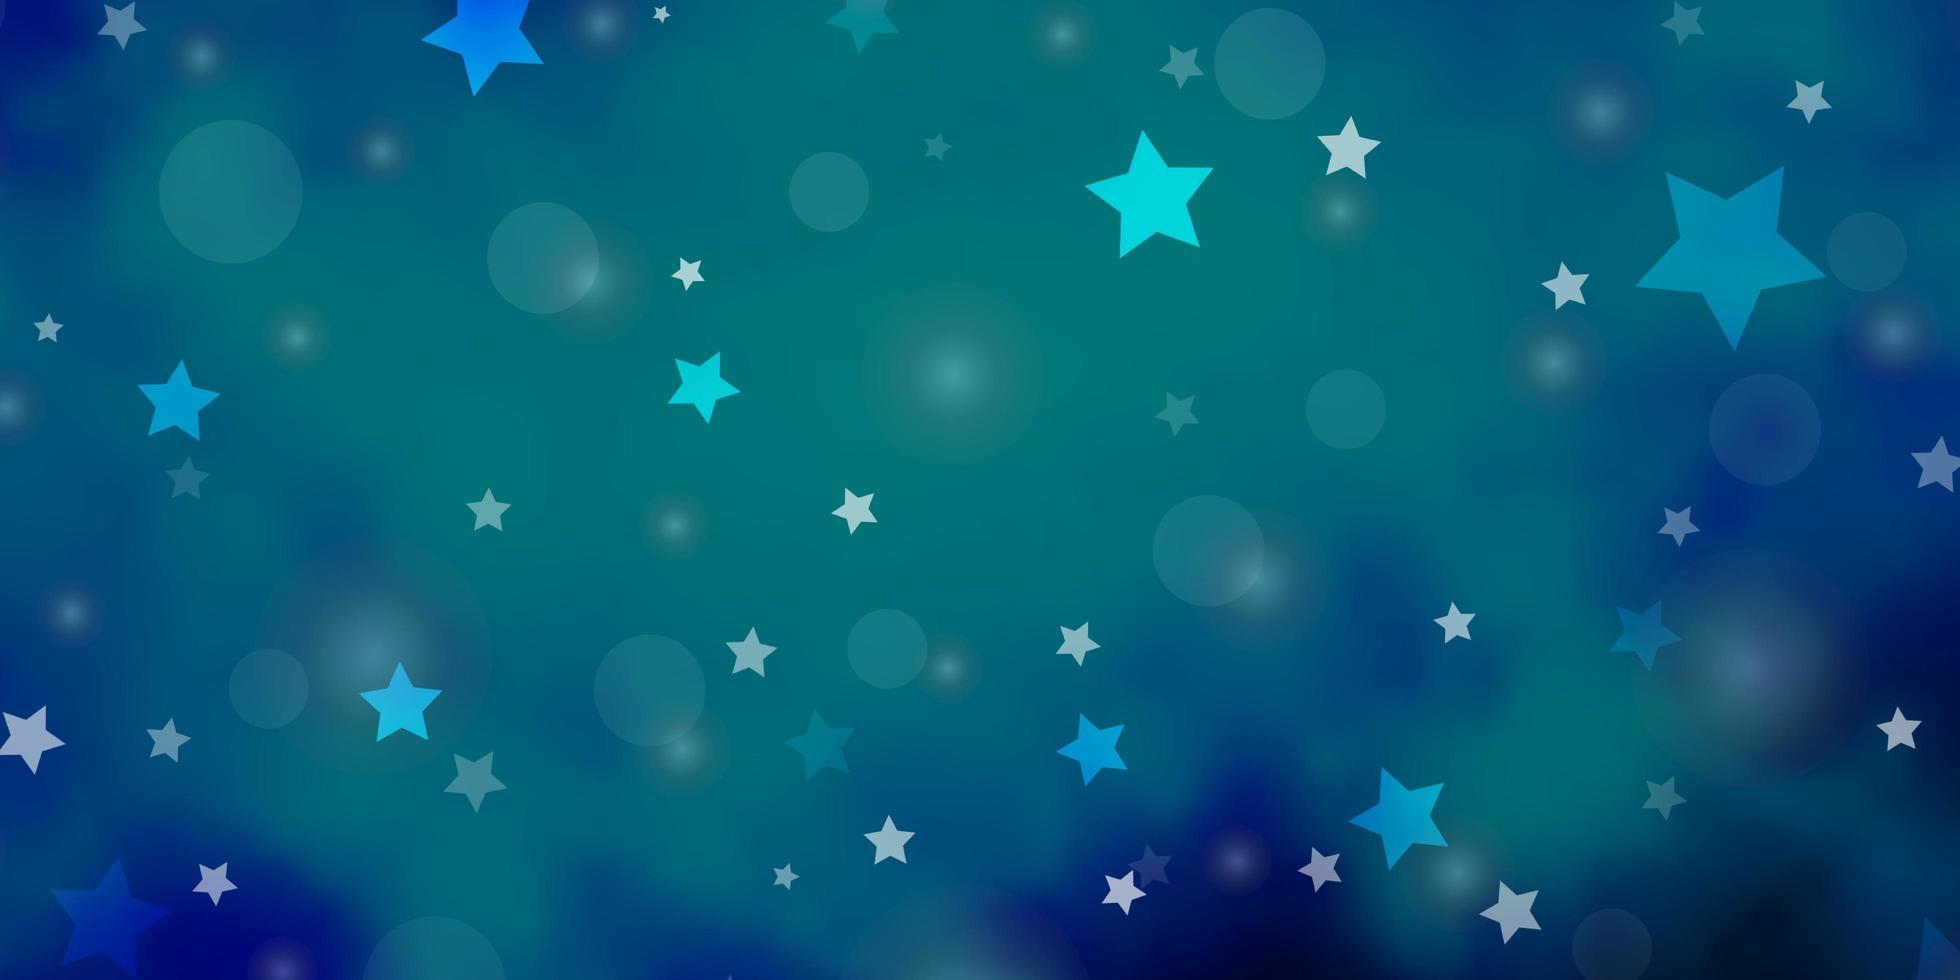 dunkelblauer Vektorhintergrund mit Kreisen, Sternen. vektor